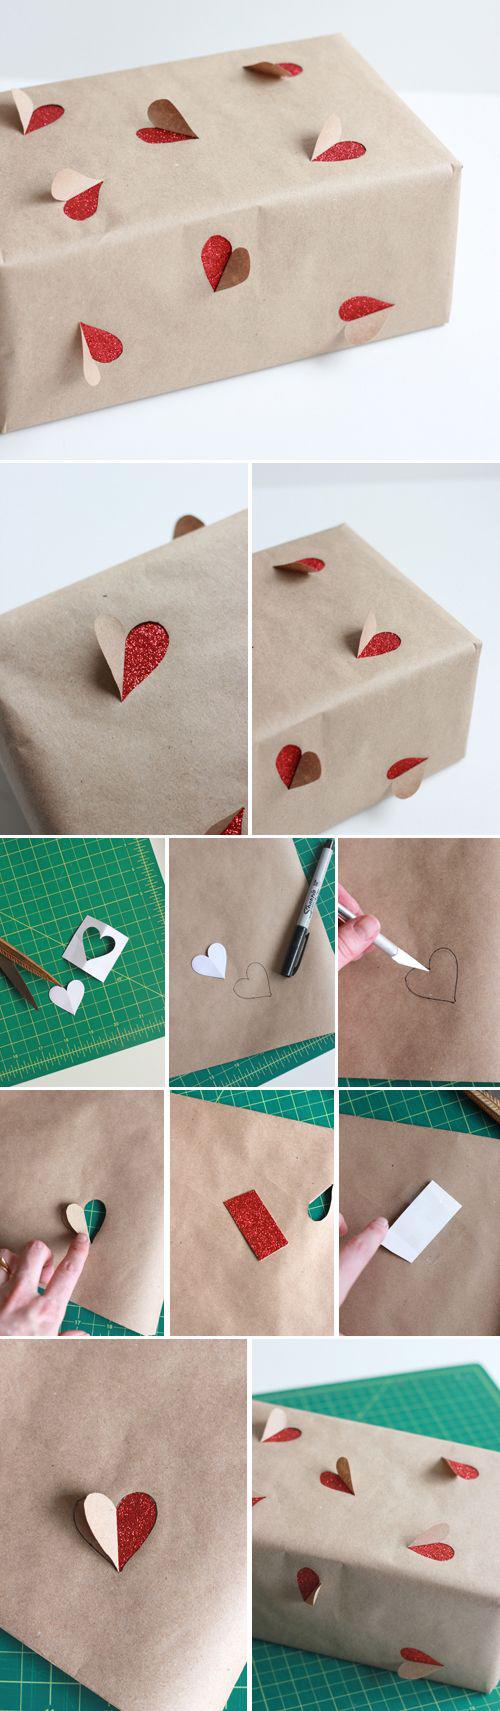 Оригинальная упаковка подарка с сердечками